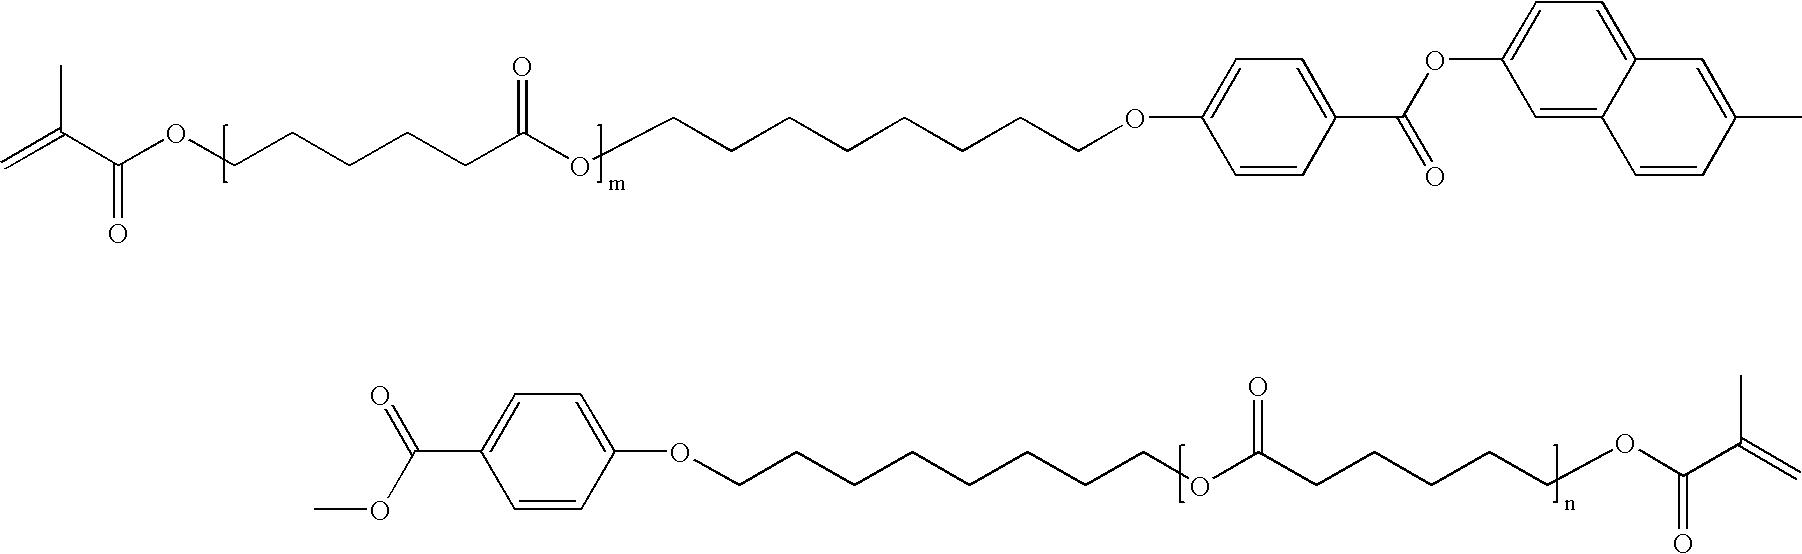 Figure US20100014010A1-20100121-C00146